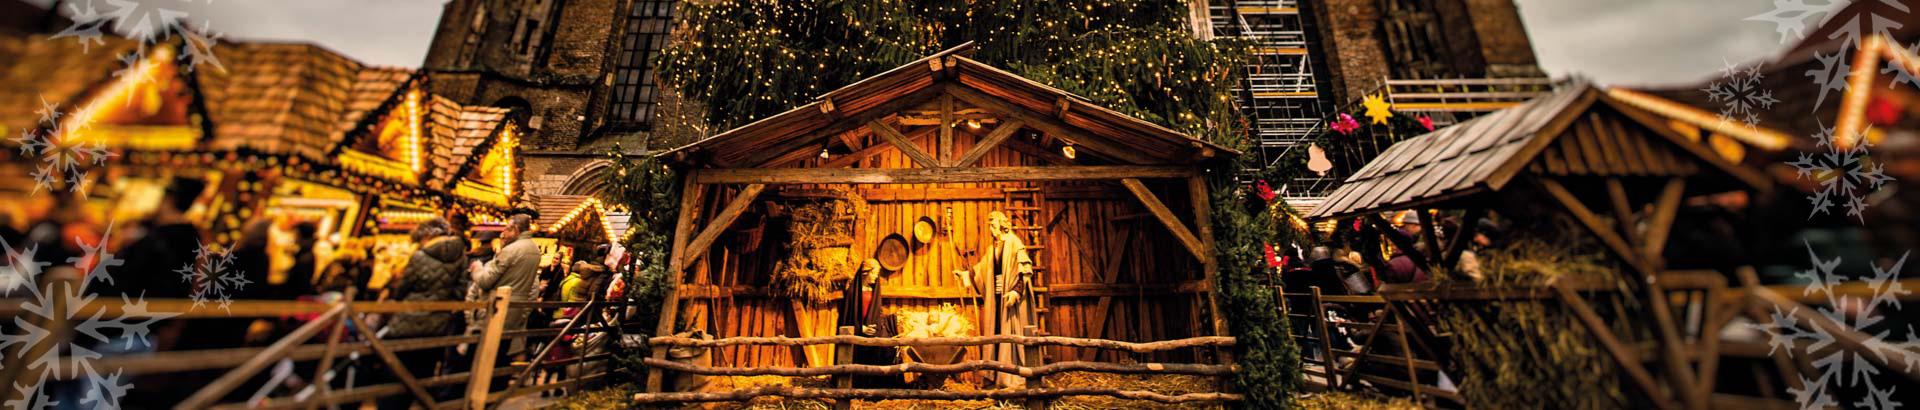 Ulm Weihnachtsmarkt.Weihnachtsmarkt Ulm Startseite